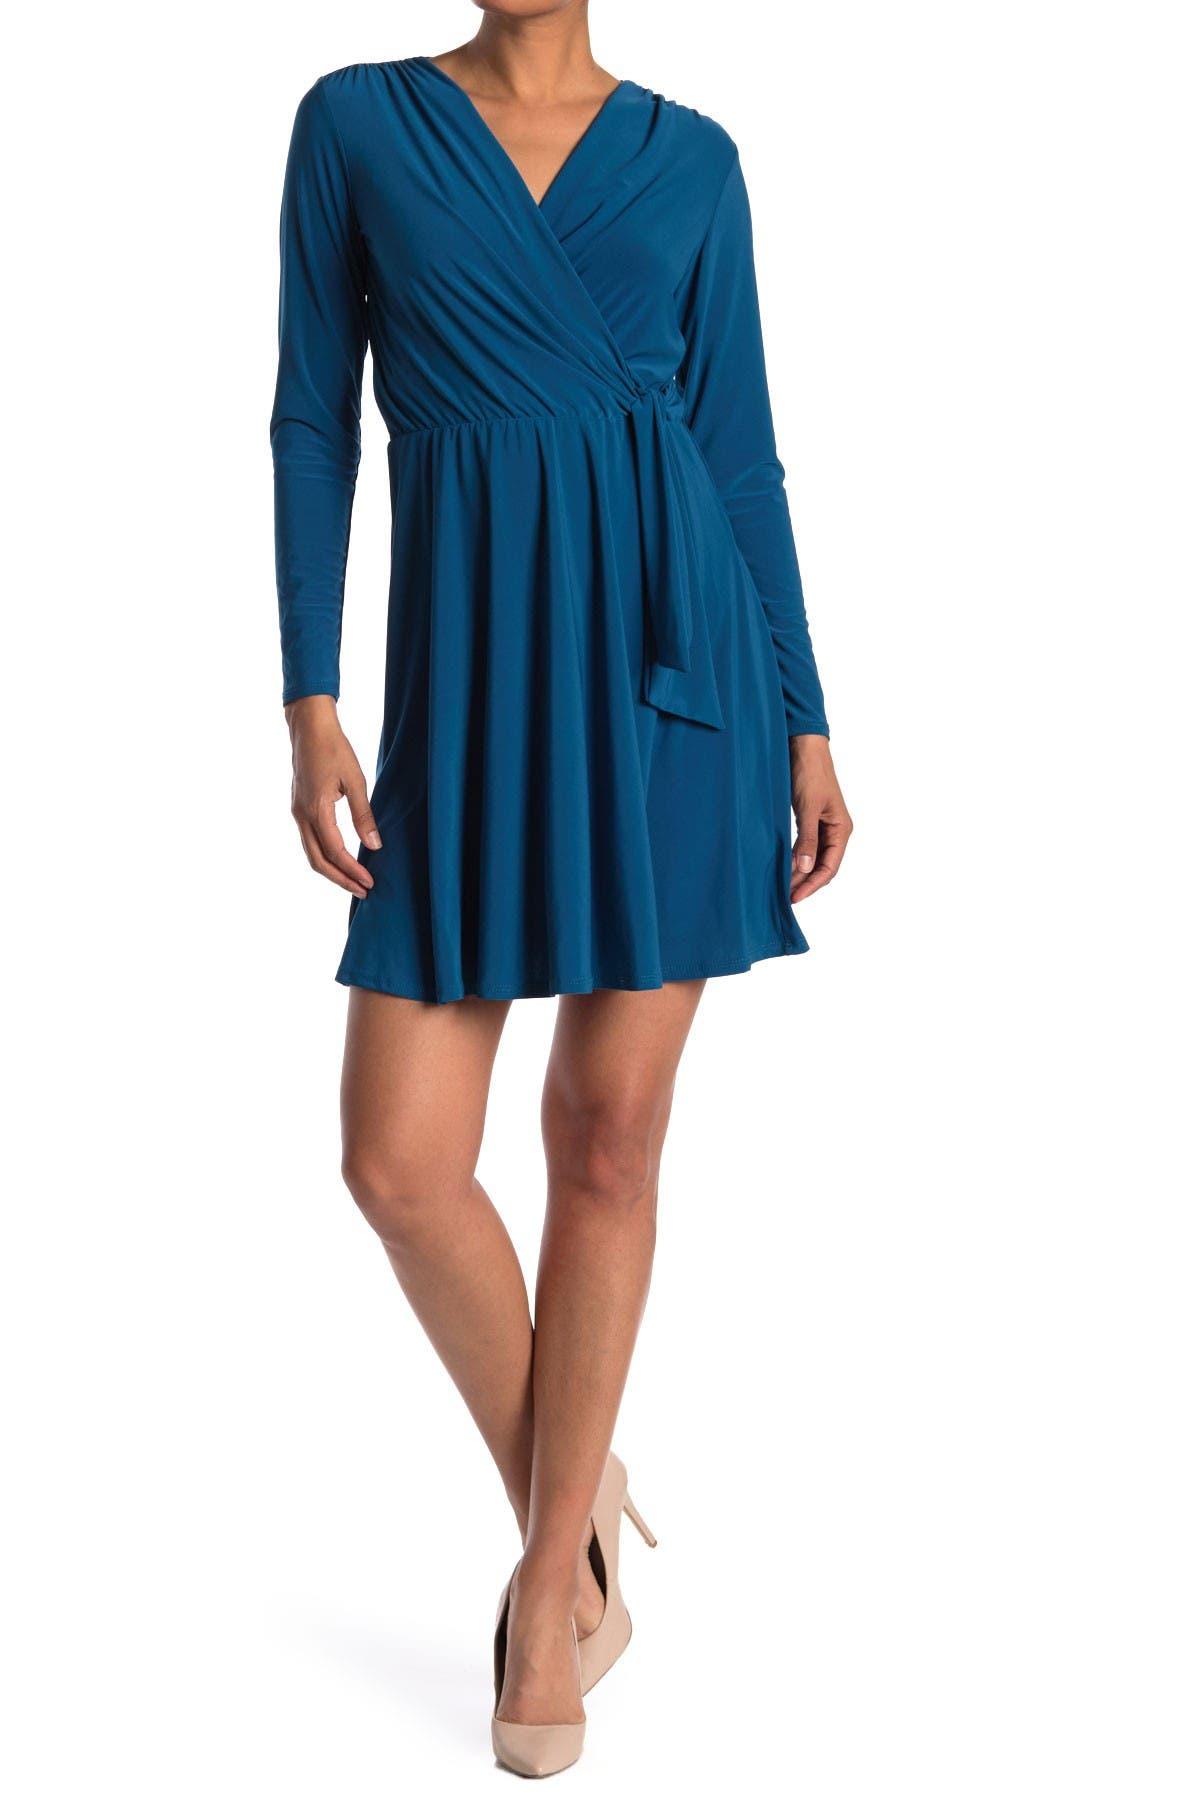 Image of TASH + SOPHIE V-Neck 3/4 Sleeve Dress